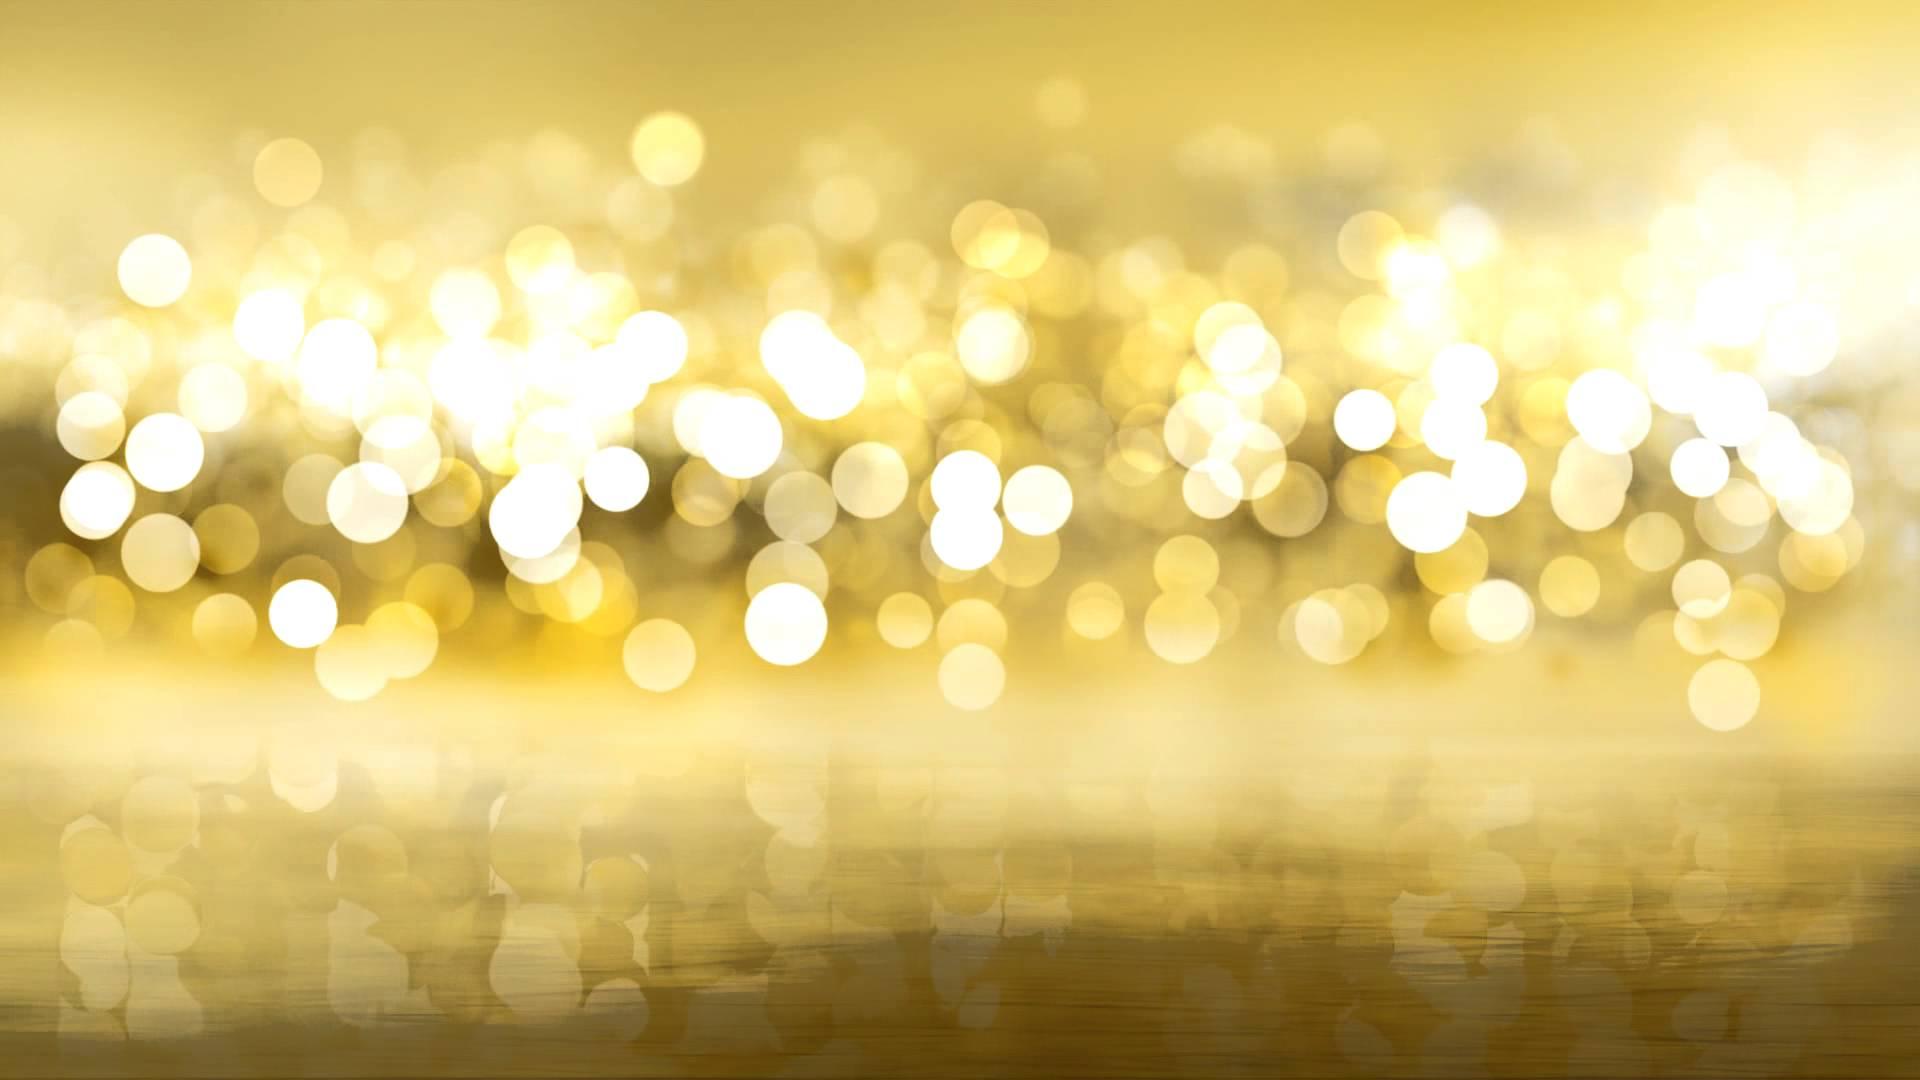 بالصور خلفيات ذهبية , صور خلفيات ذهبيه 5808 7